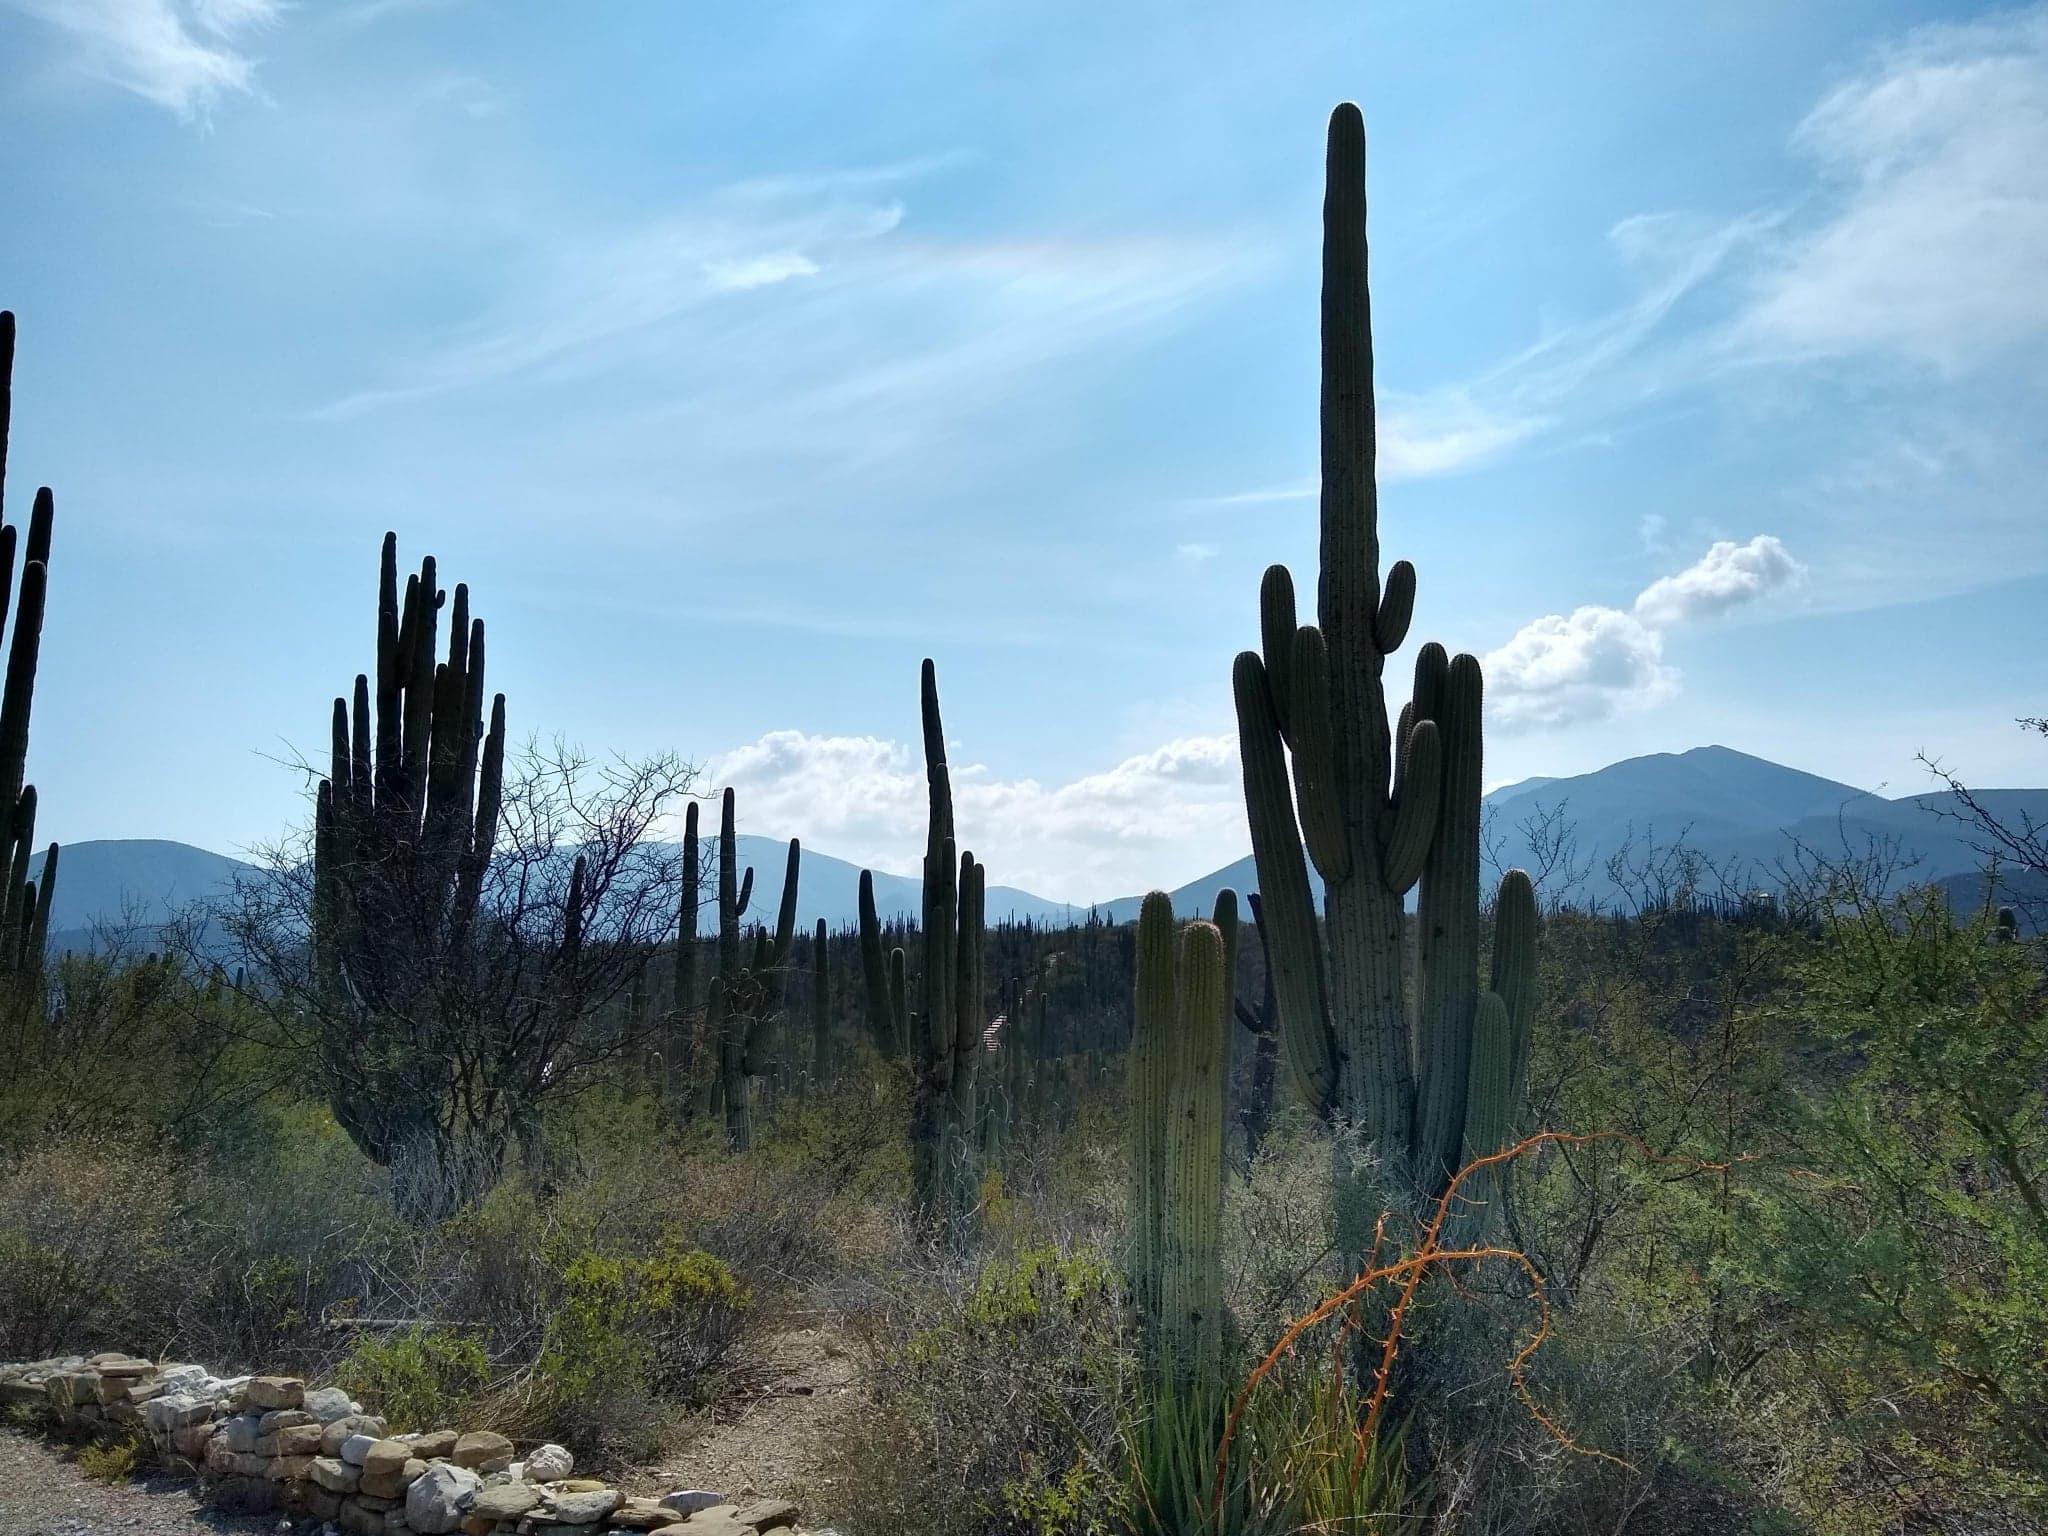 Invitan a la expo artesanal Tehuacán y la Reserva de la Biósfera en Puebla